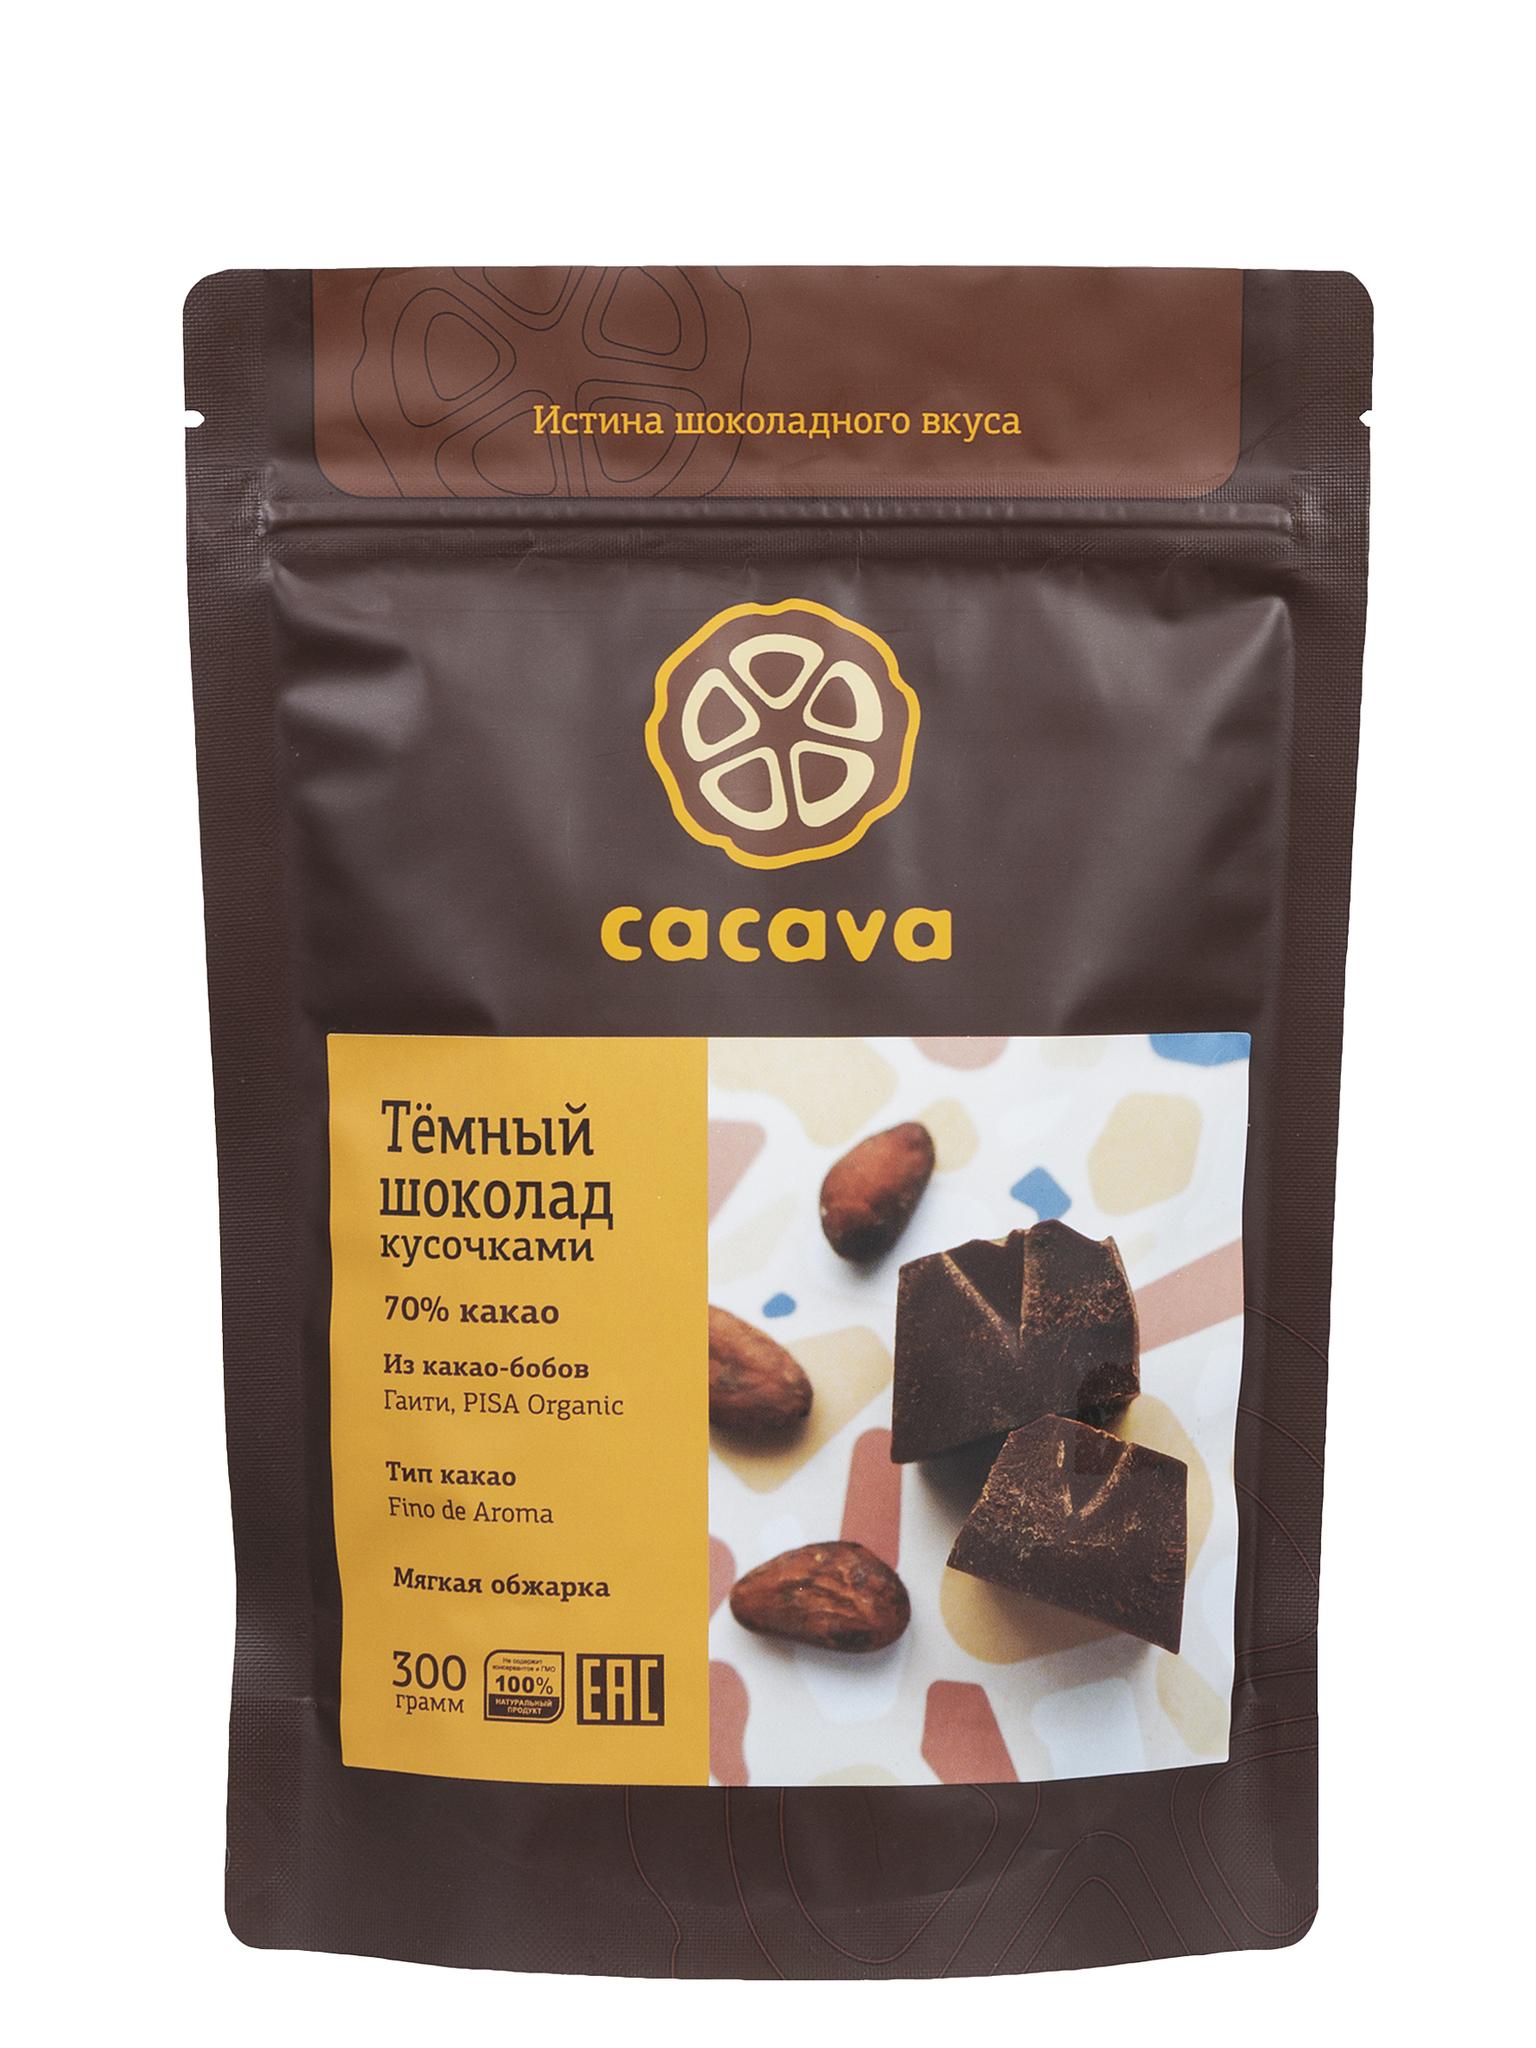 Тёмный шоколад 70 % какао (Гаити), упаковка 300 грамм